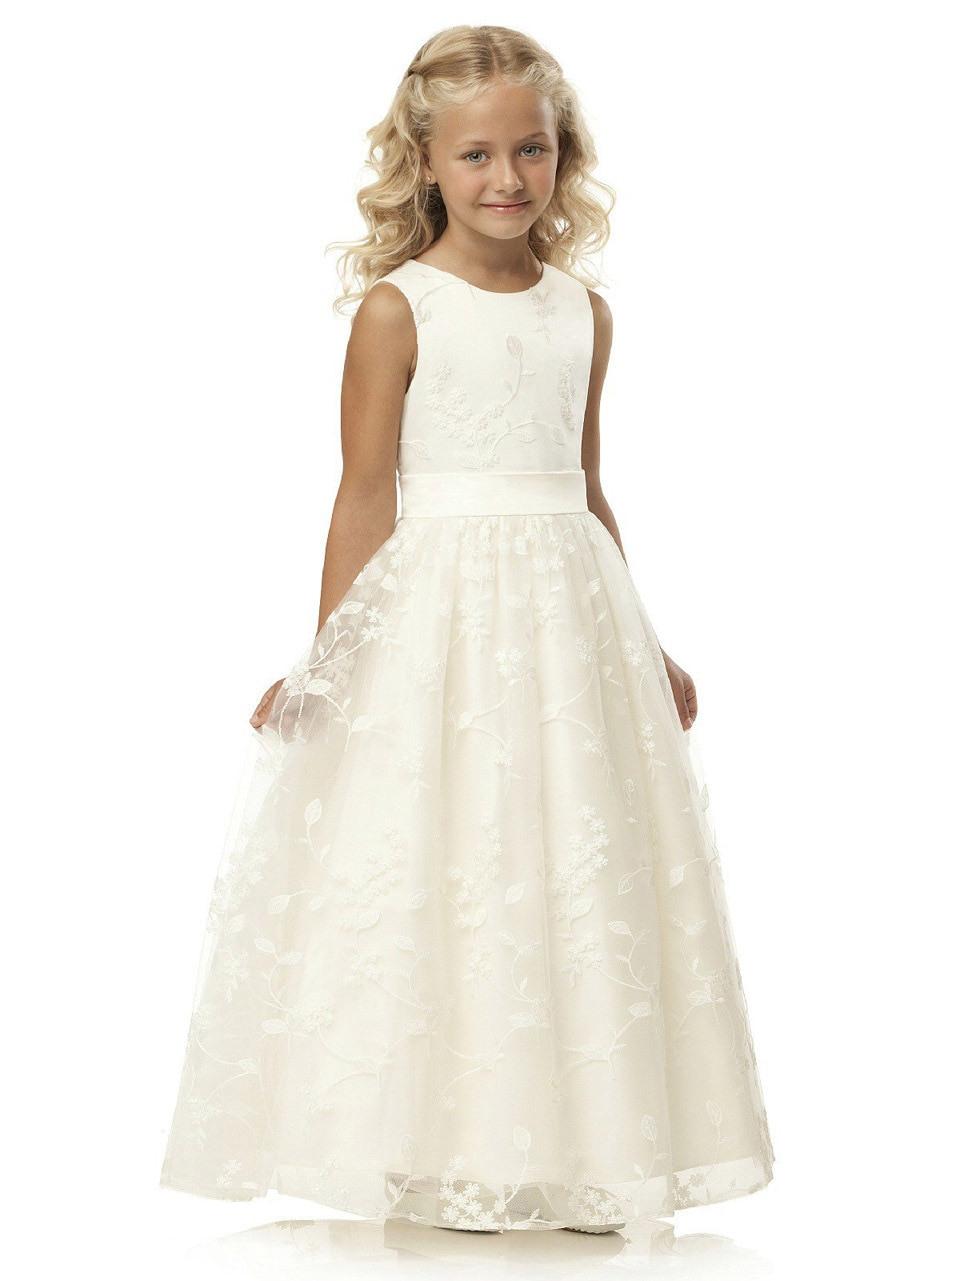 17 Perfekt Edle Kleider Für Hochzeit Spezialgebiet20 Genial Edle Kleider Für Hochzeit Boutique